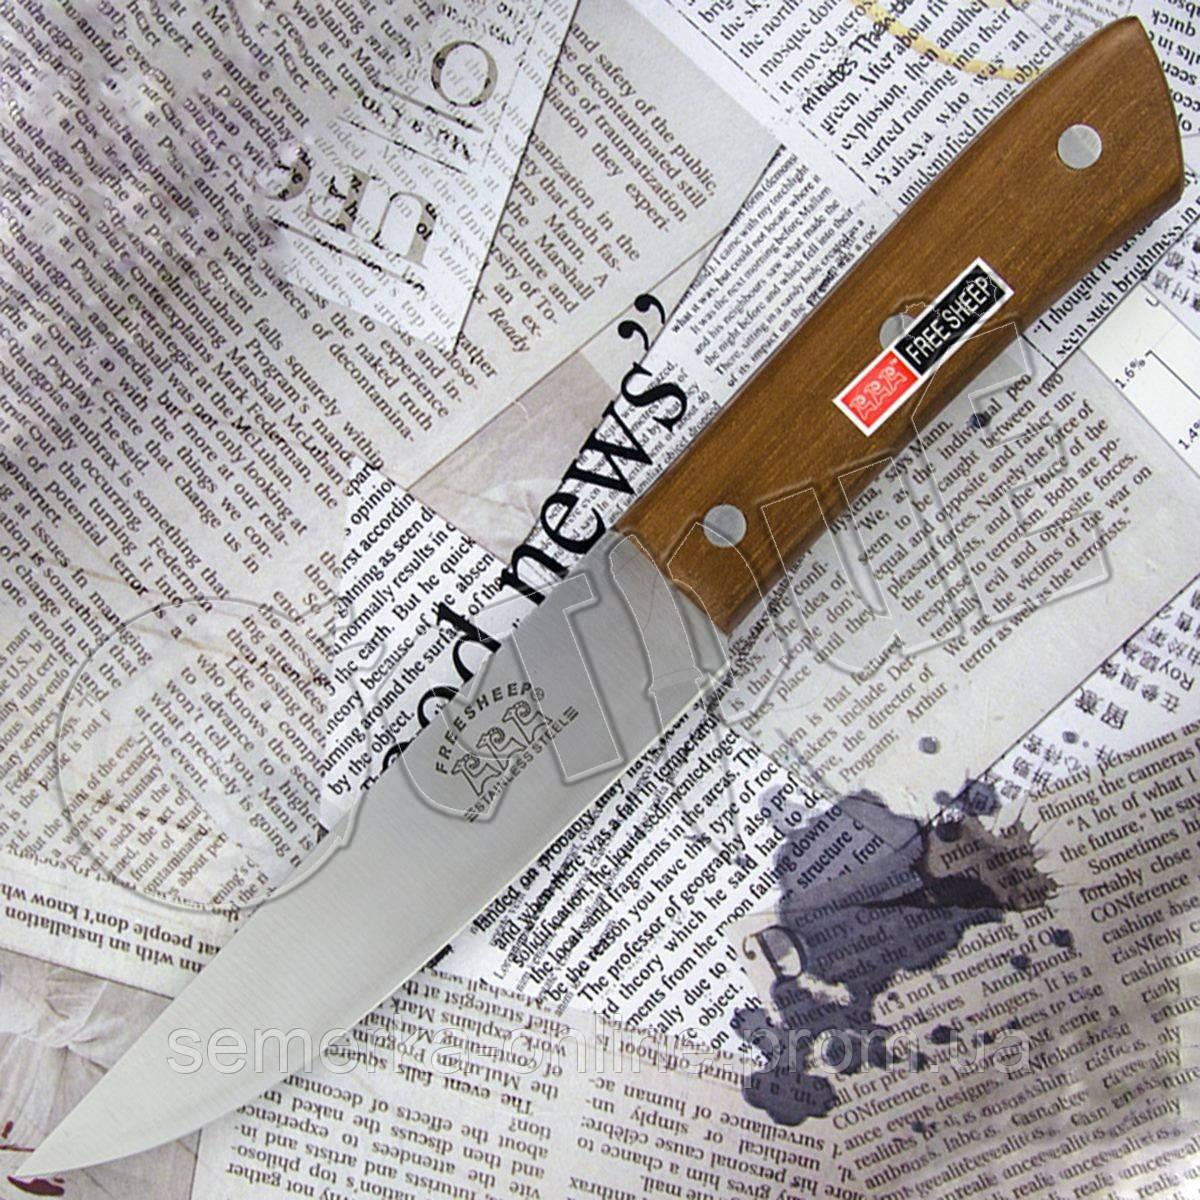 Нож кухонный Freesheep ZC - 02 с деревянной рукоятью. Прочное, качественное лезвие из нержавейки